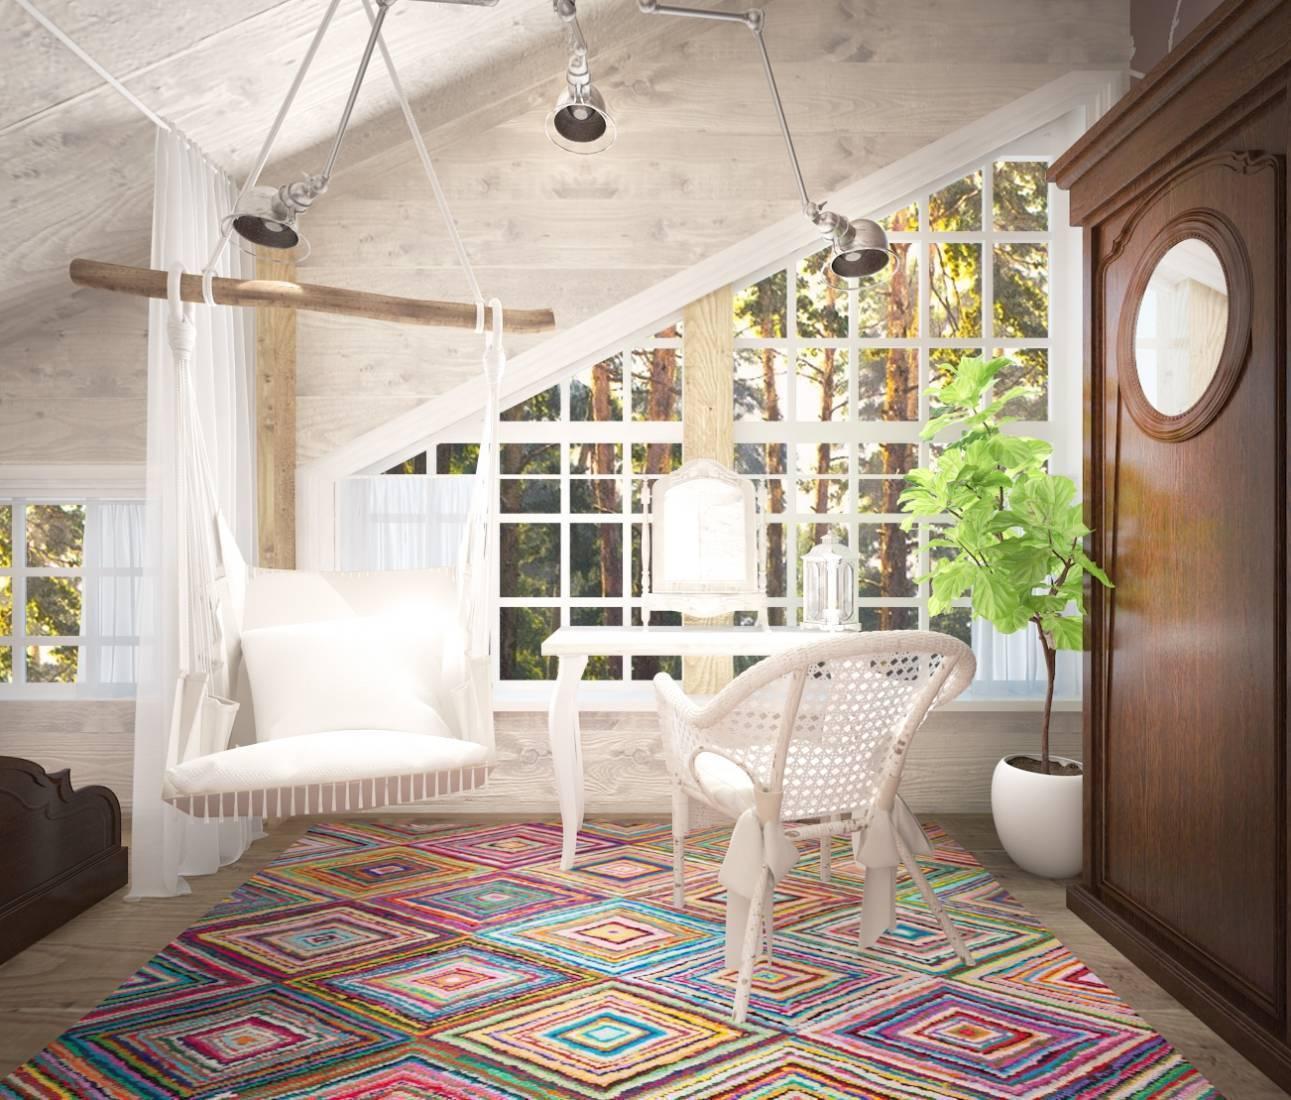 Дизайн дома +155 лучших фото интерьера загородного дома